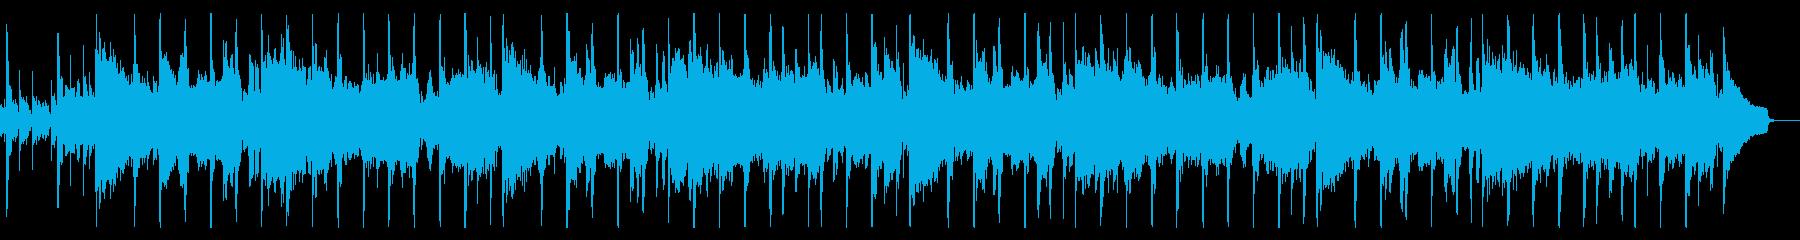 80年代ディスコを現代風にしたポップスの再生済みの波形